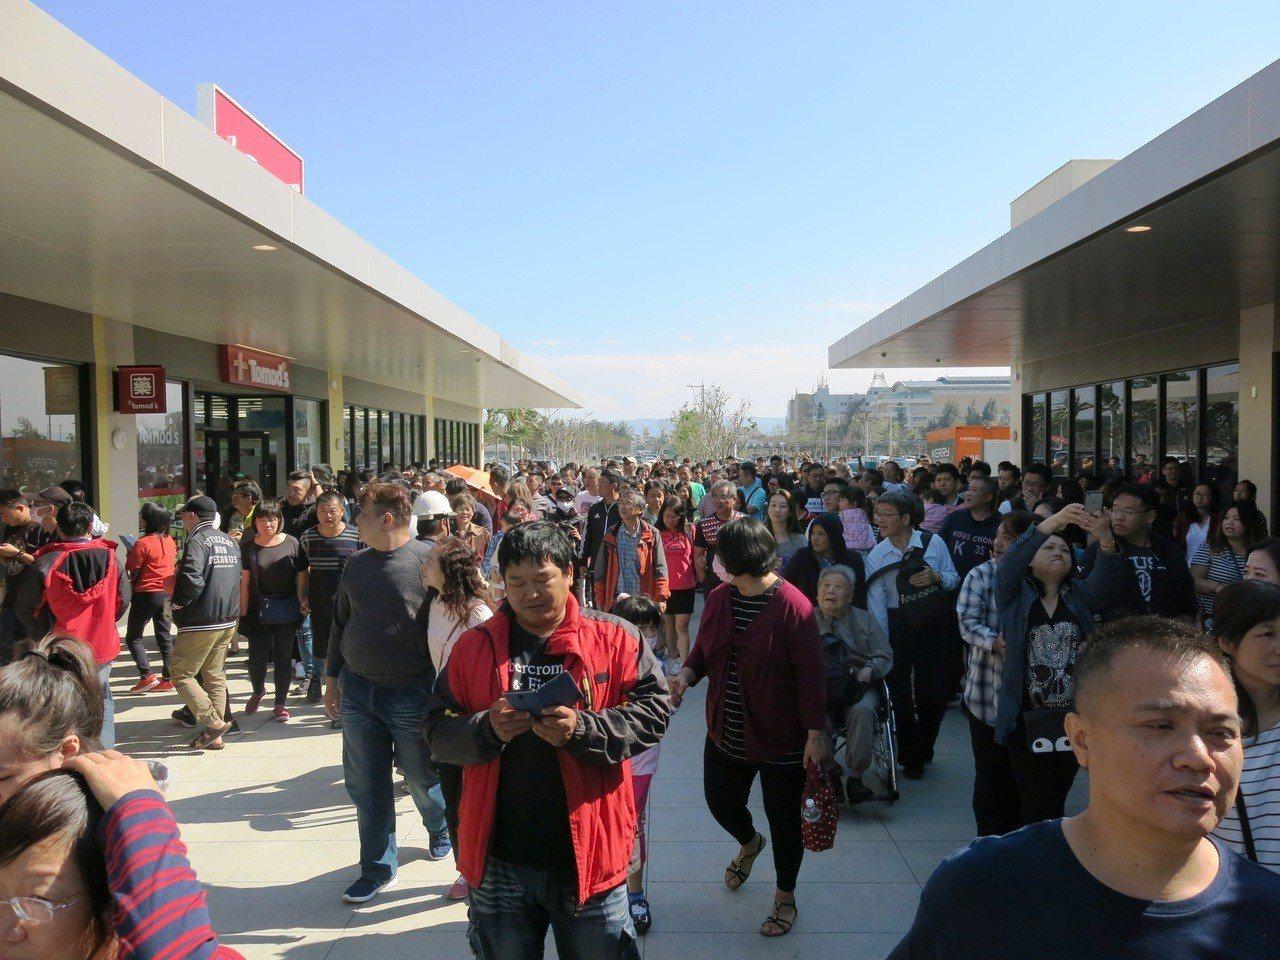 台中港三井Outlet Park今天試營運第一天,一早不到9點就開始有民眾前來排...